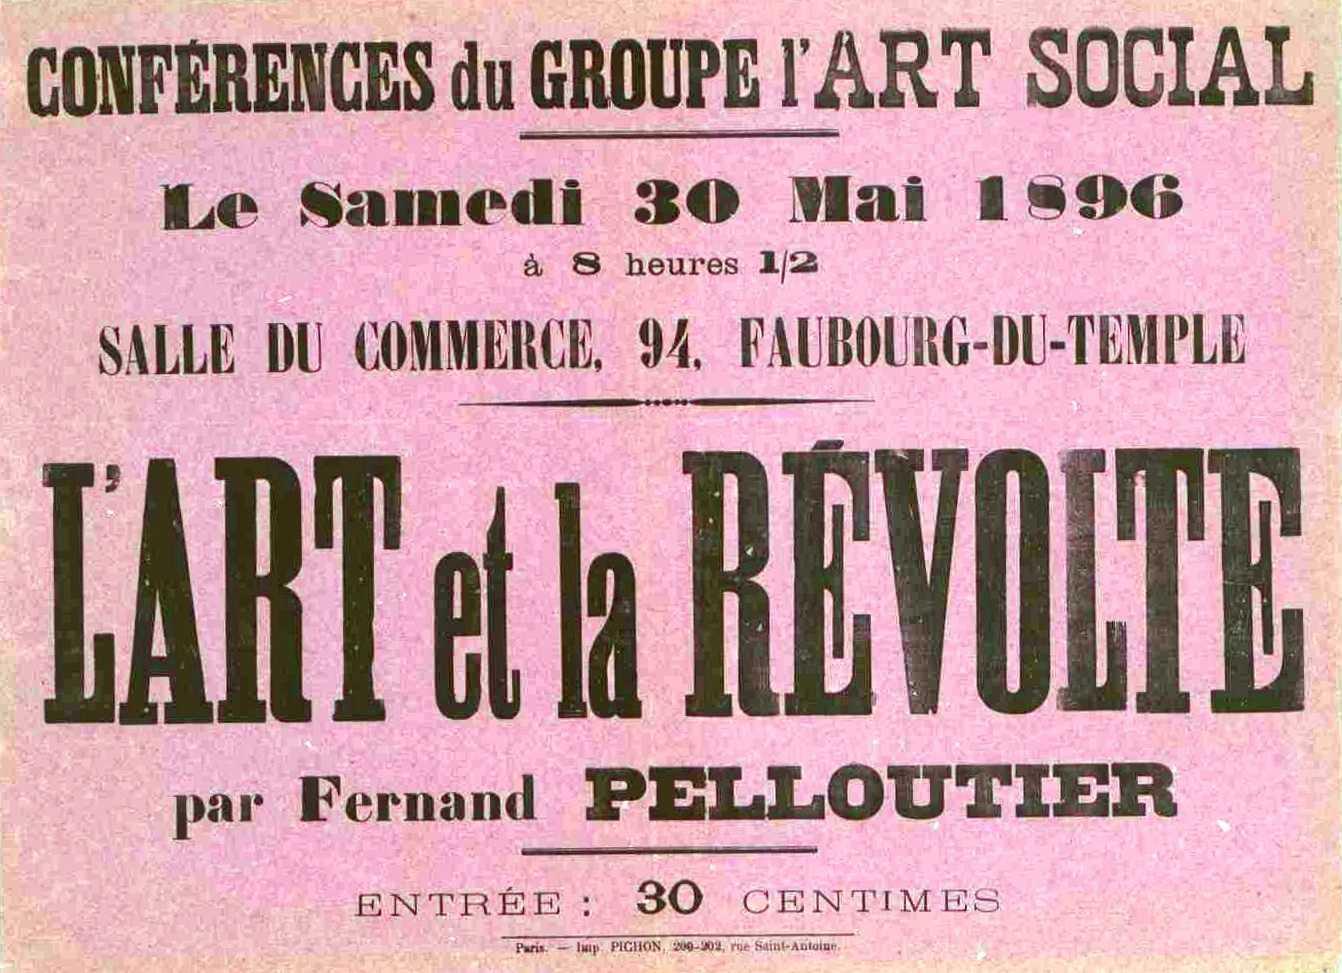 """Cartell de la conferència """"L'Art et la Révolte"""""""